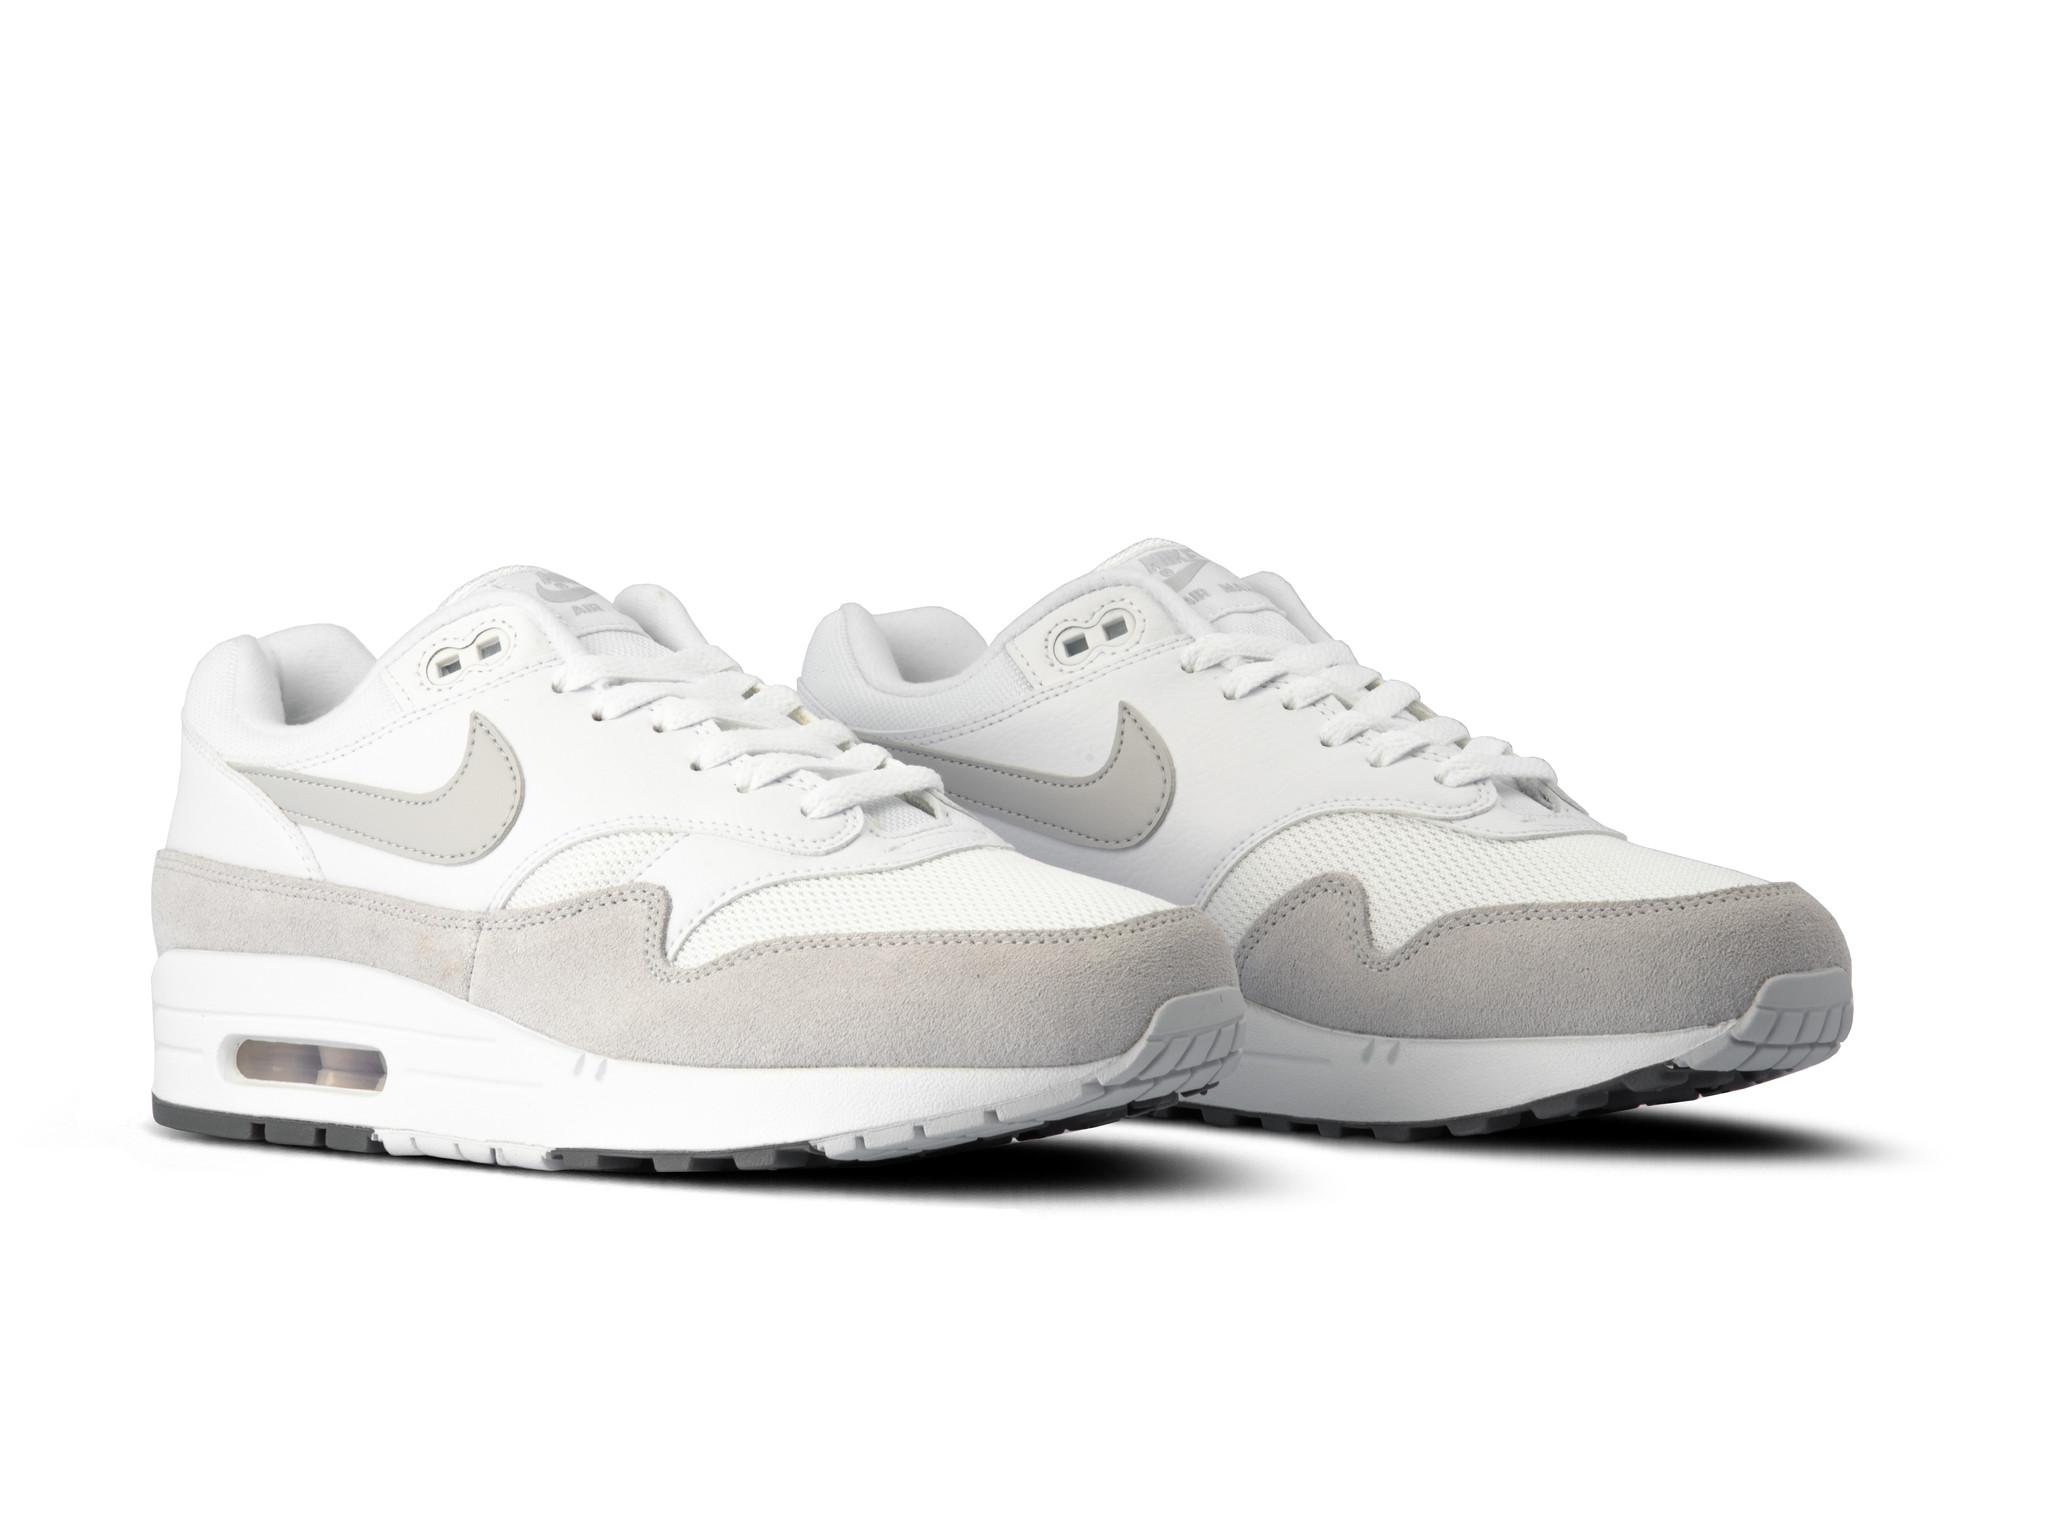 Deutschland Nike Air Max 98 Schuhe Weiß Pure Platinum